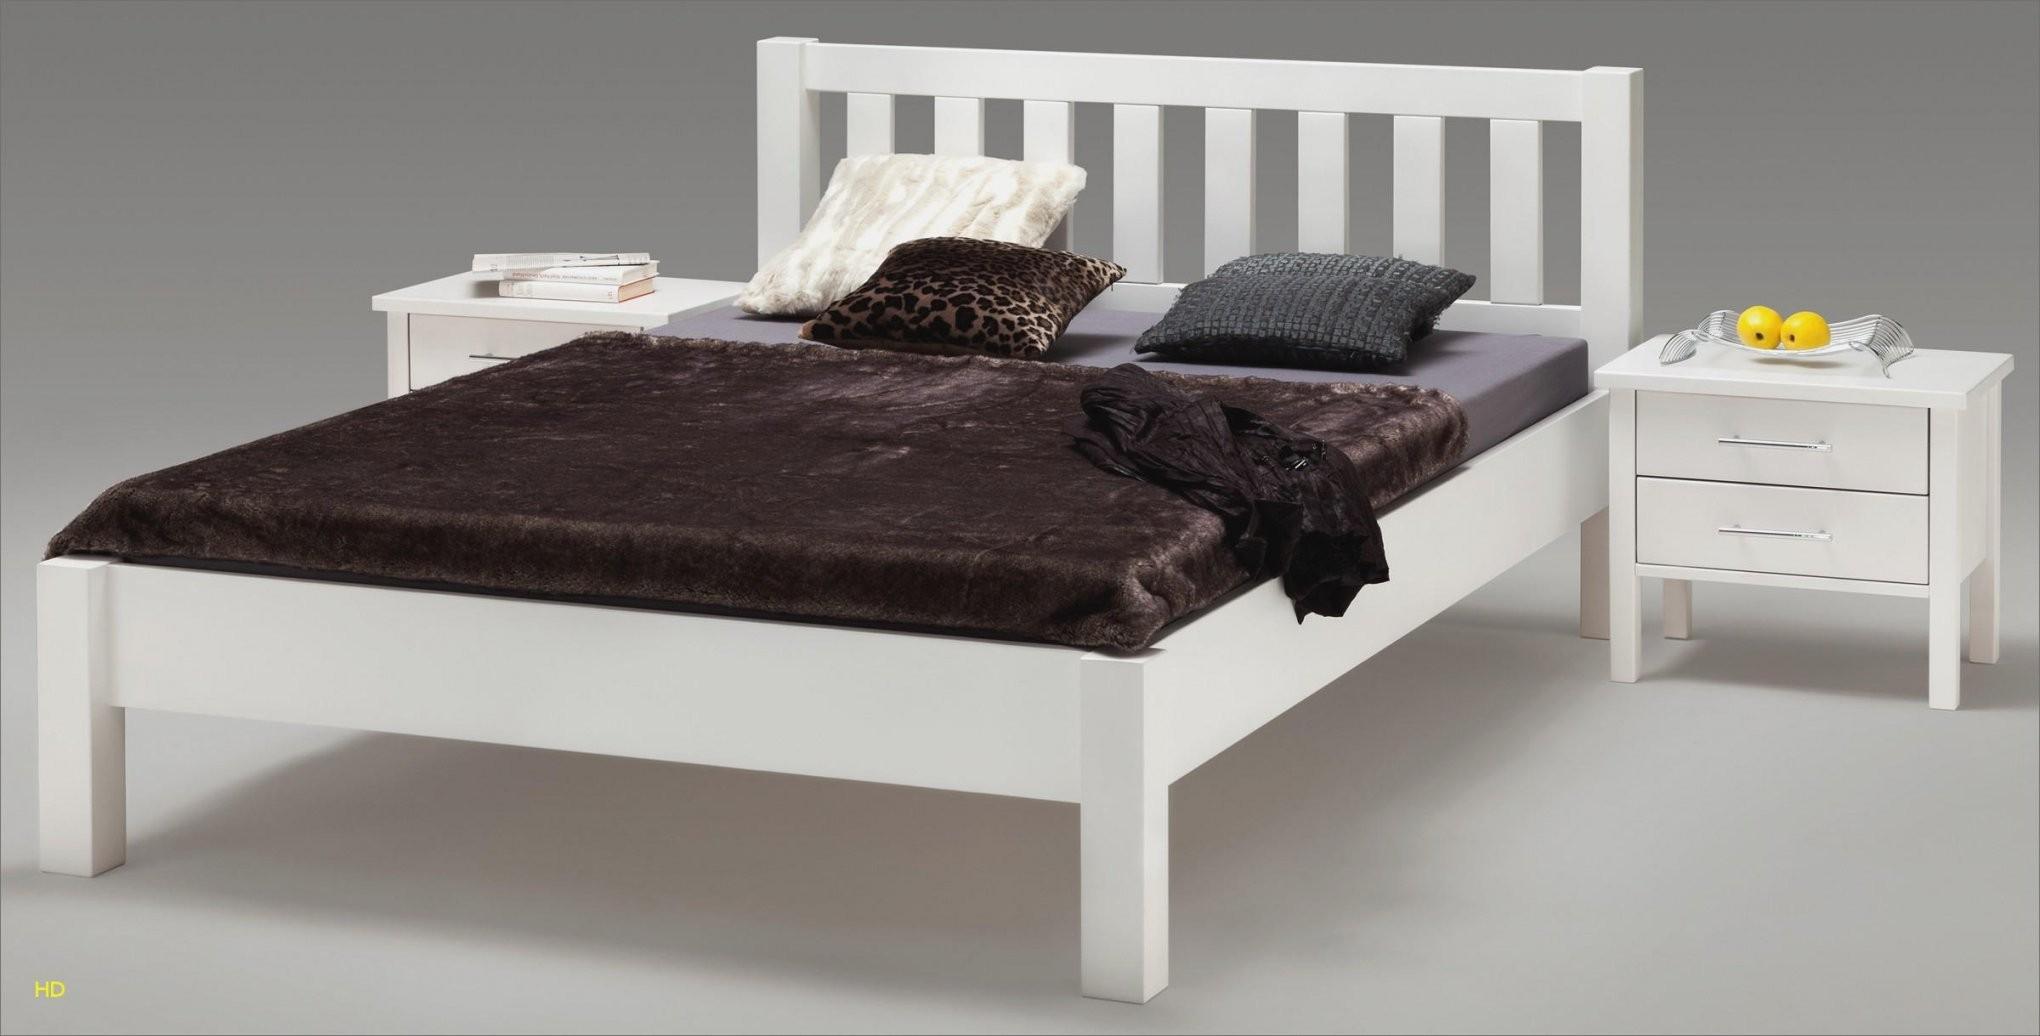 Best Bett Mit Matratze Und Lattenrost 140×200 Günstig Wamustory von Bett 140X200 Mit Matratze Und Lattenrost Günstig Bild